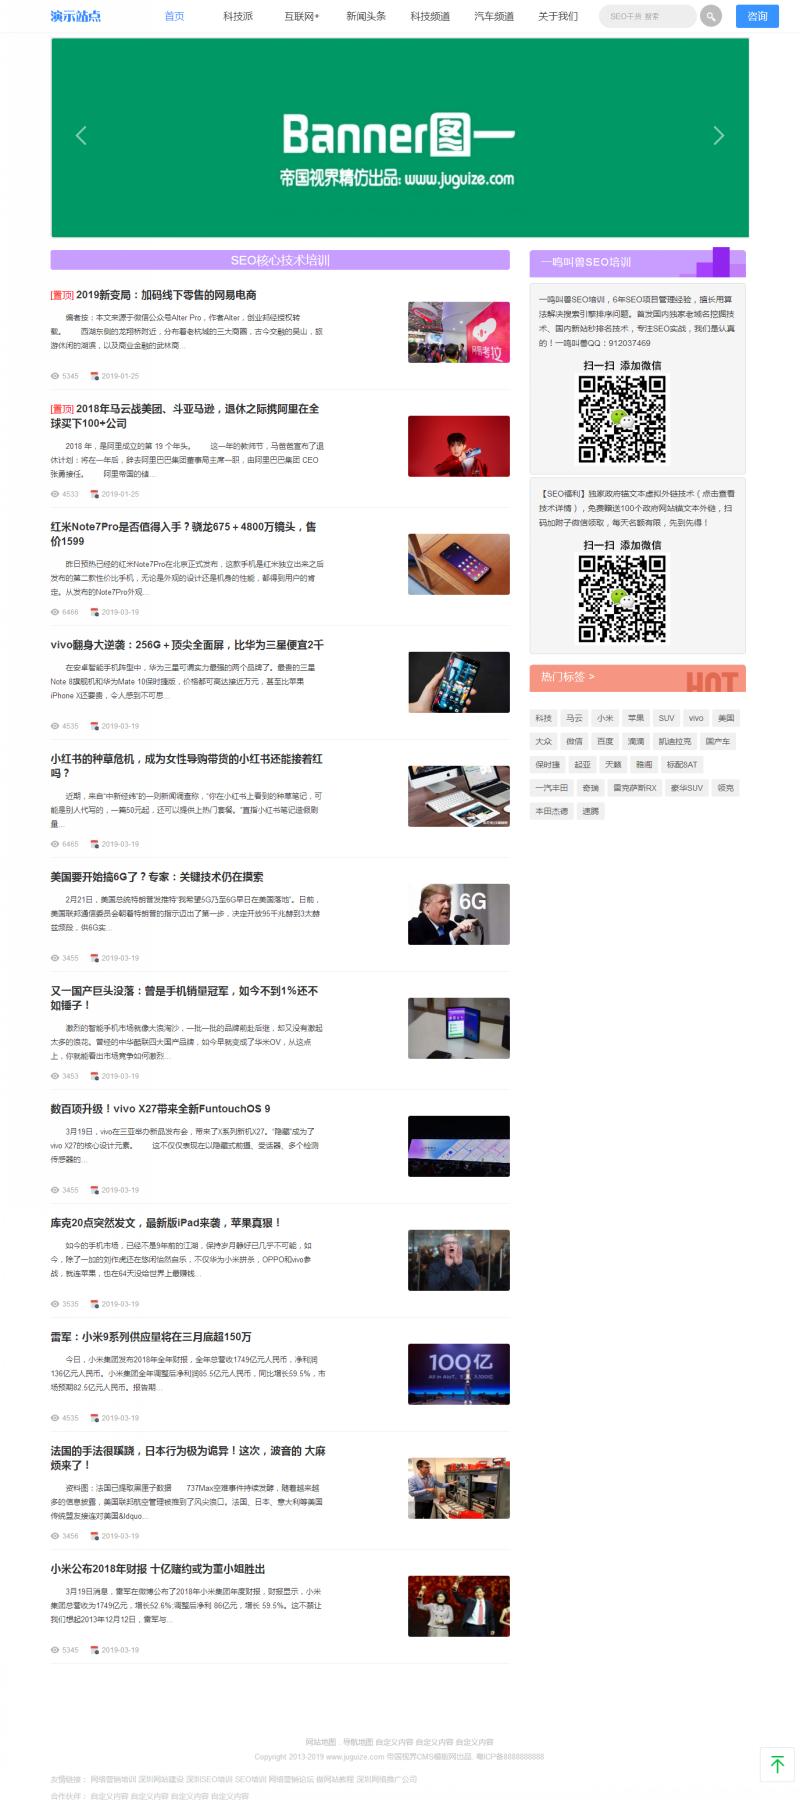 网站首页.jpg [DG-037]帝国cms模板精仿SEO培训机构新闻博客模板 博客文章 第1张